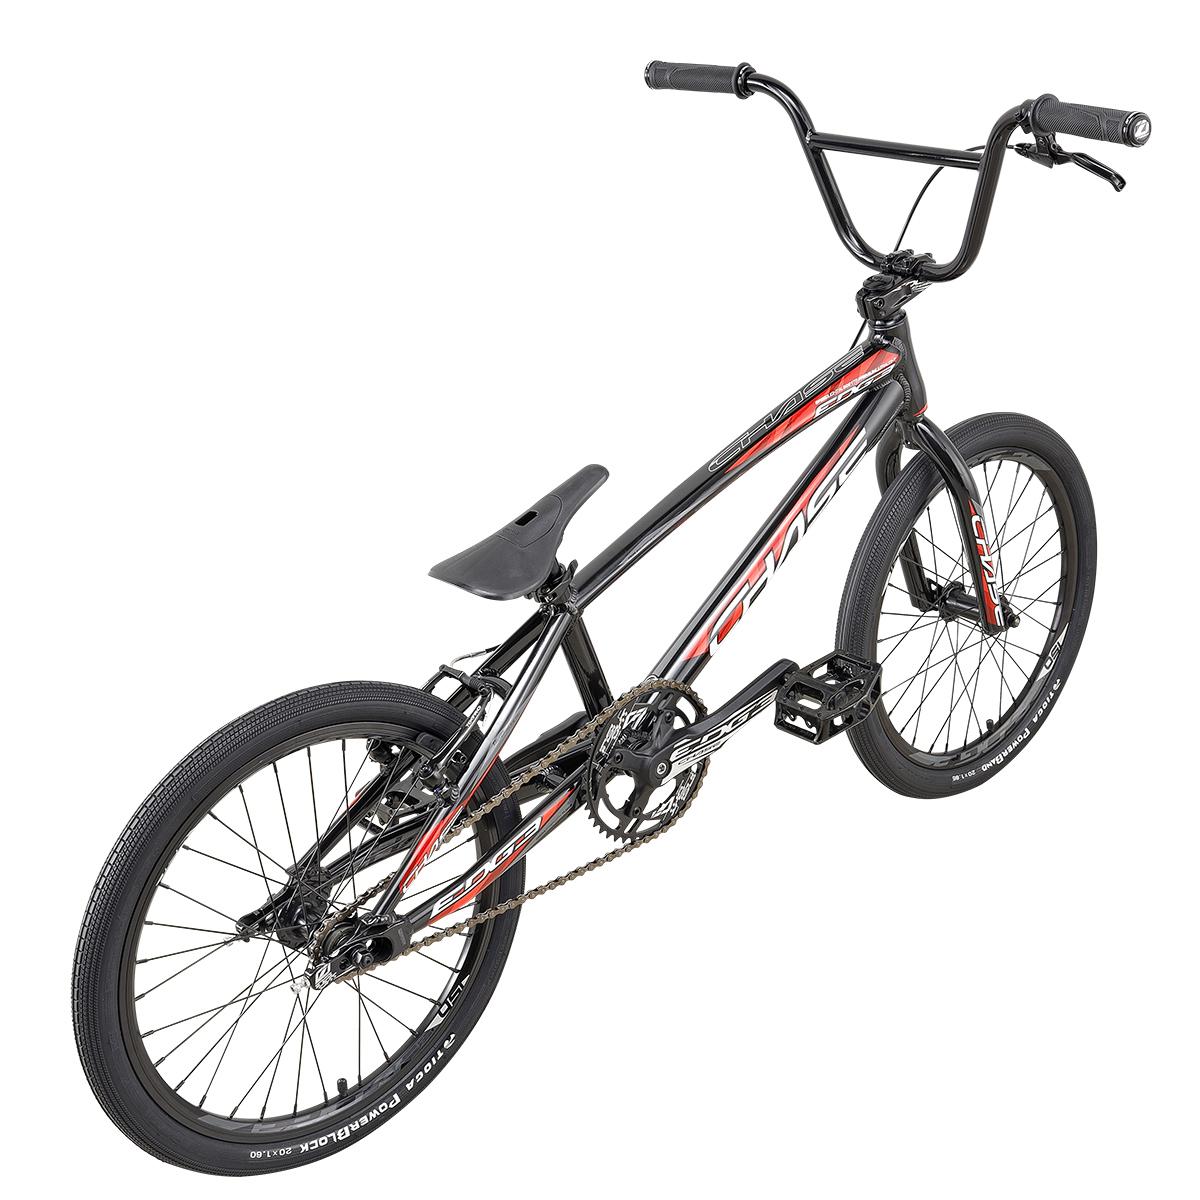 """bicyclettes Nouveau Bmx Street tire 2 inner tube environ 50.80 cm 20x2.125/"""" Paire Vélo Pneu Noir 20 in"""